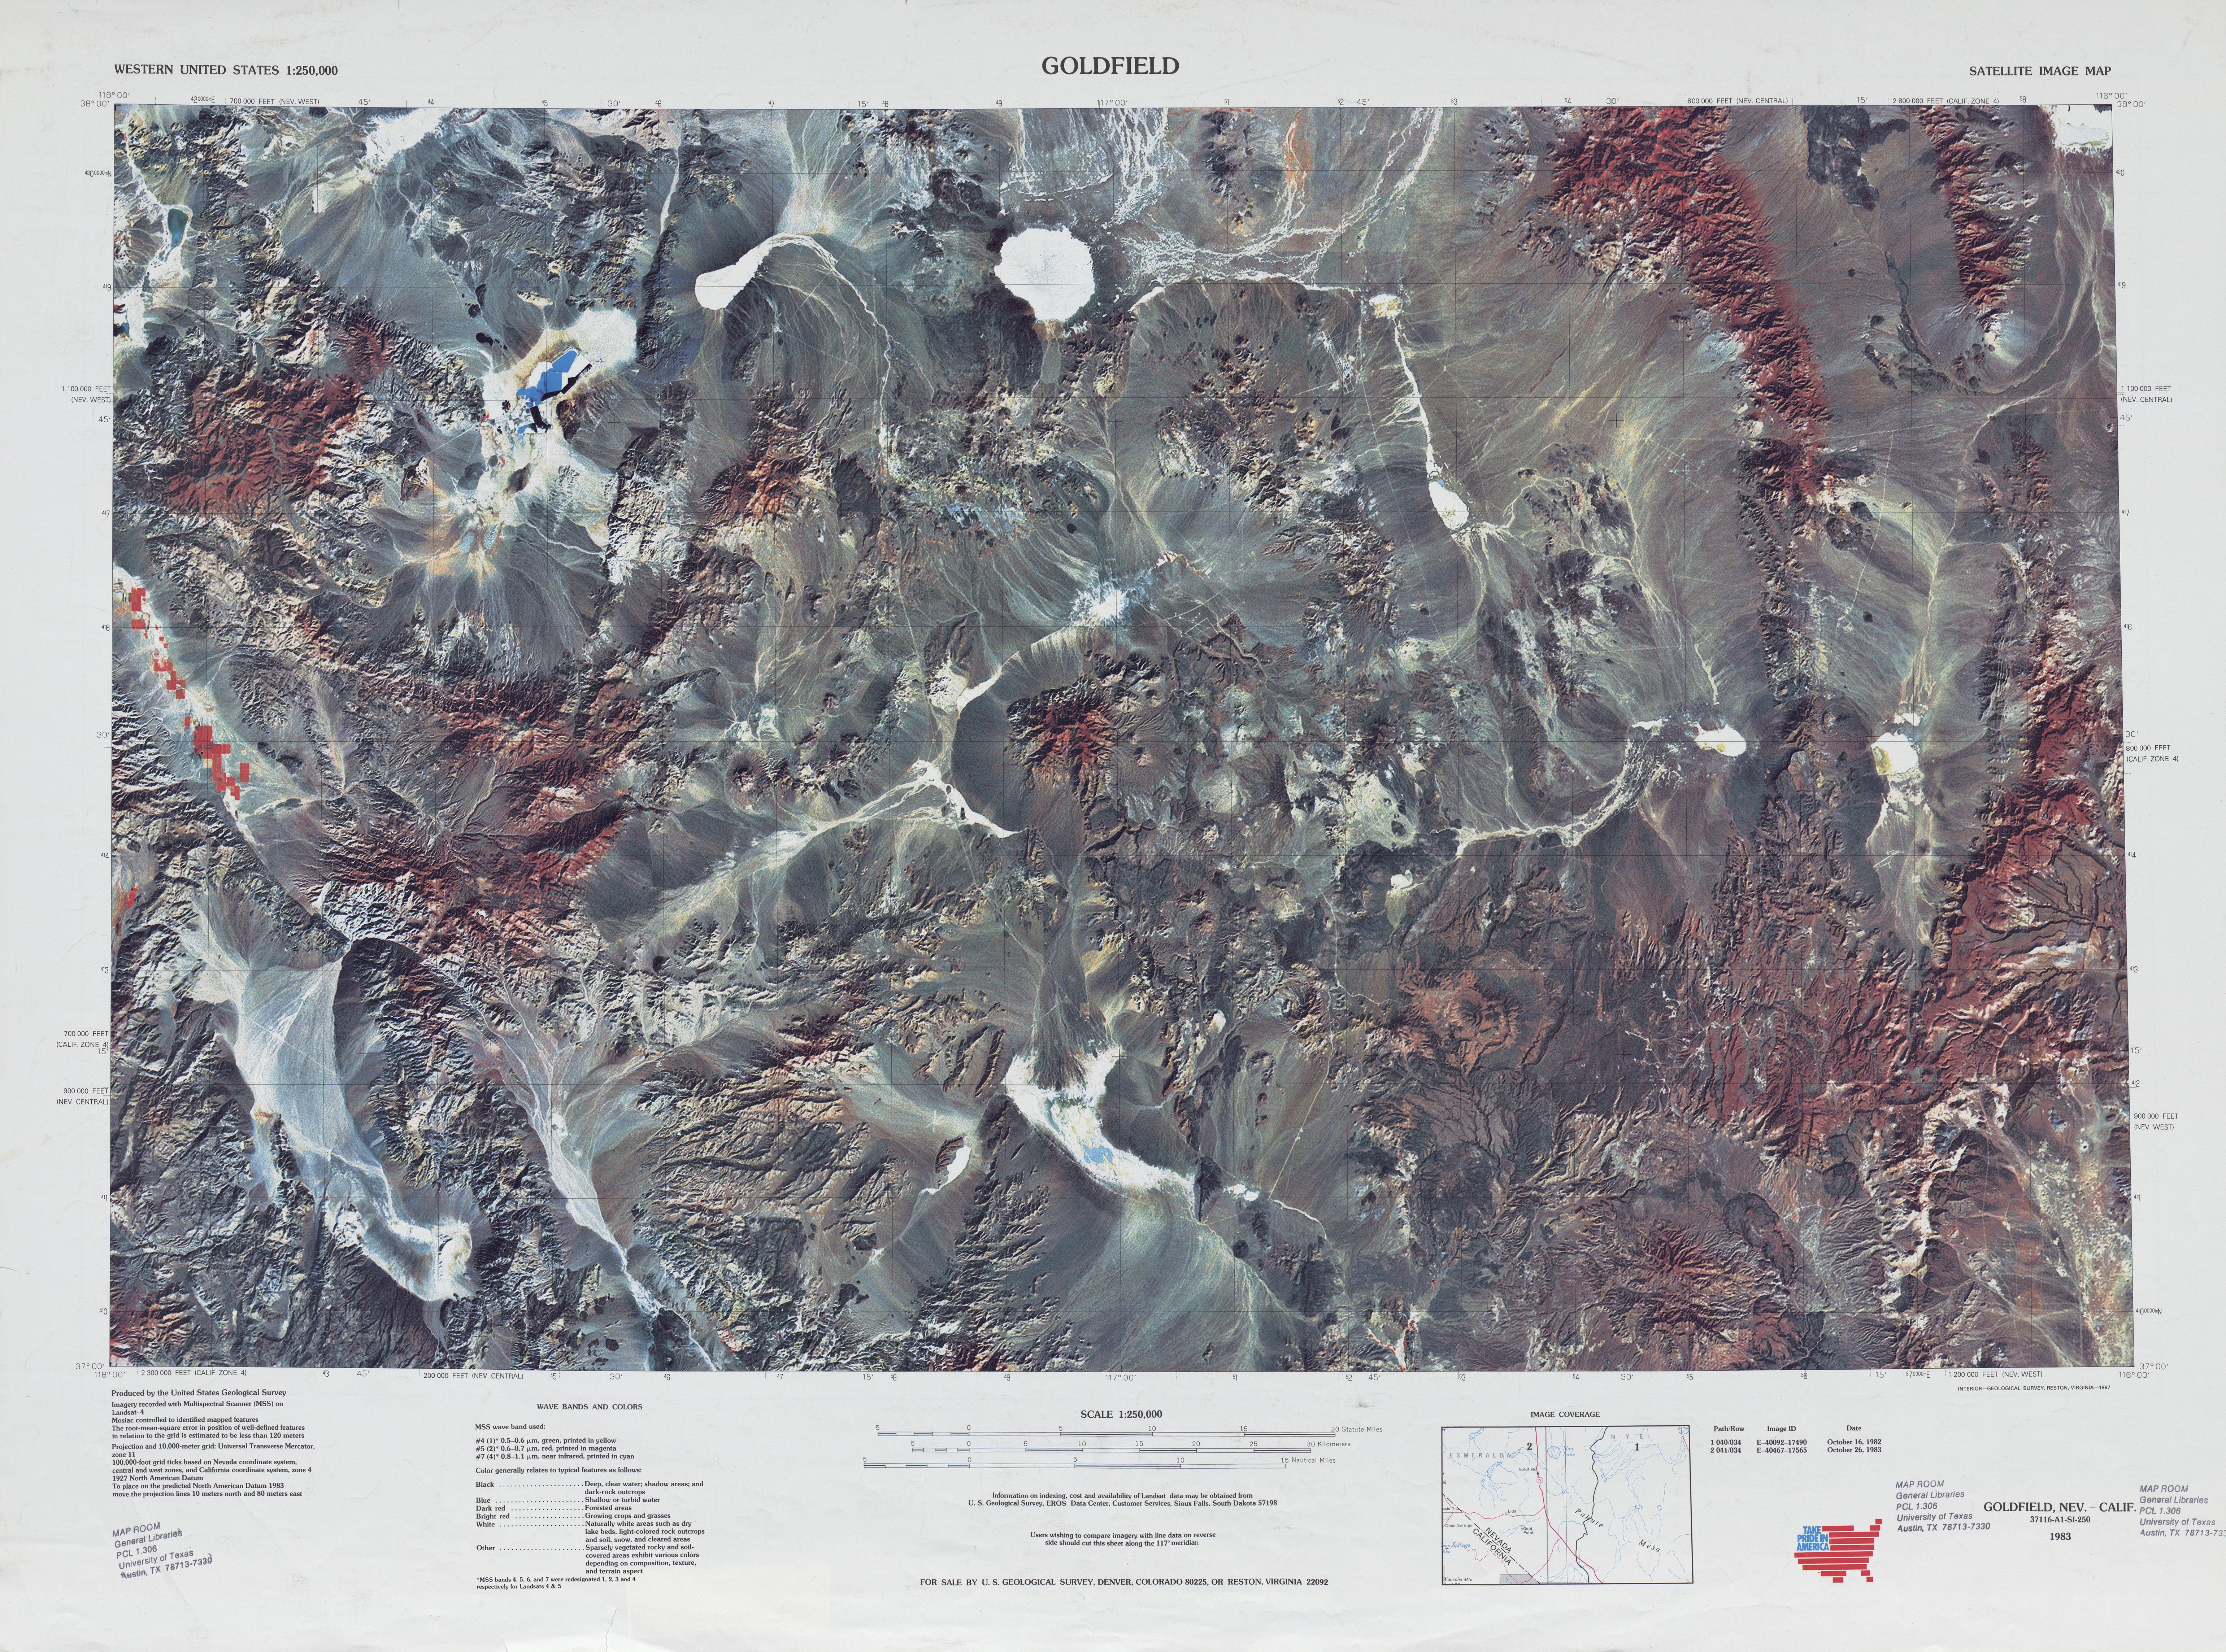 Goldfield Satellite Image Sheet, United States 1983